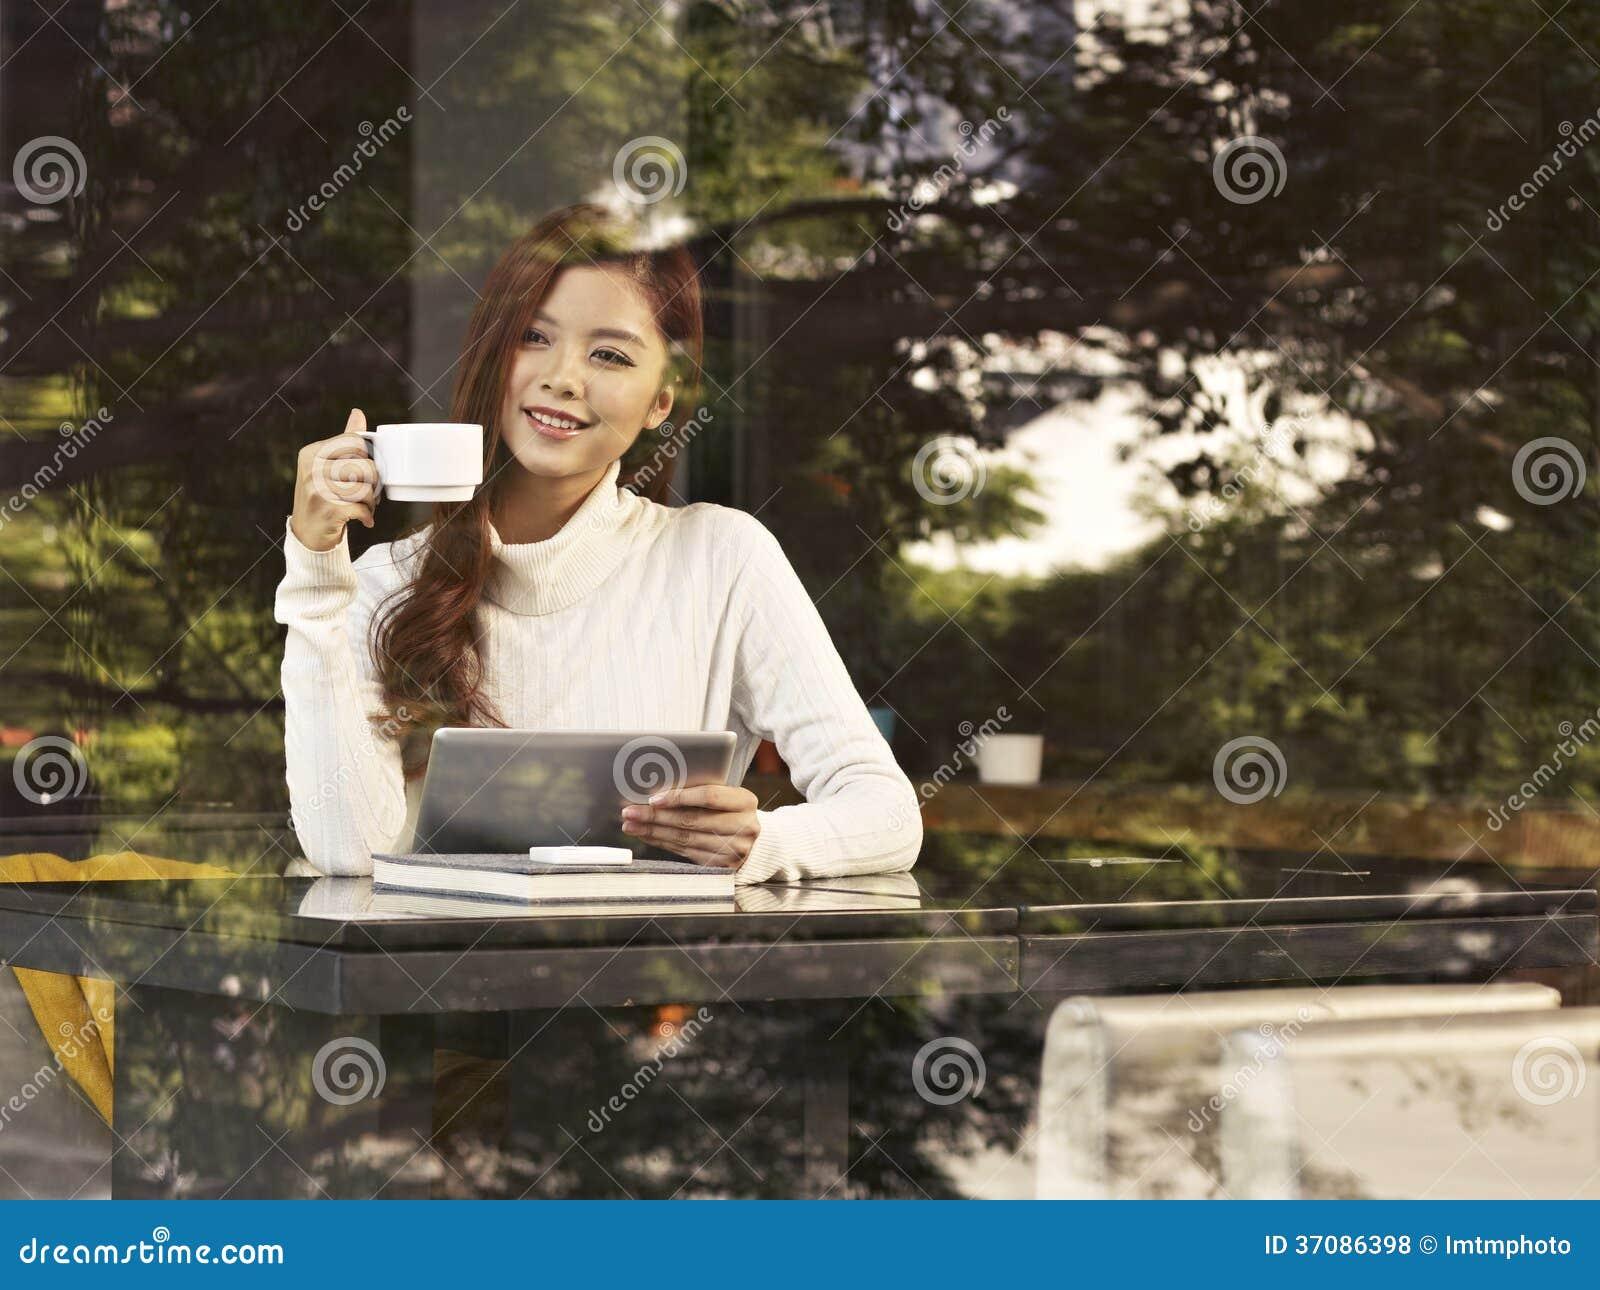 Download Kobieta w kawiarni zdjęcie stock. Obraz złożonej z długi - 37086398